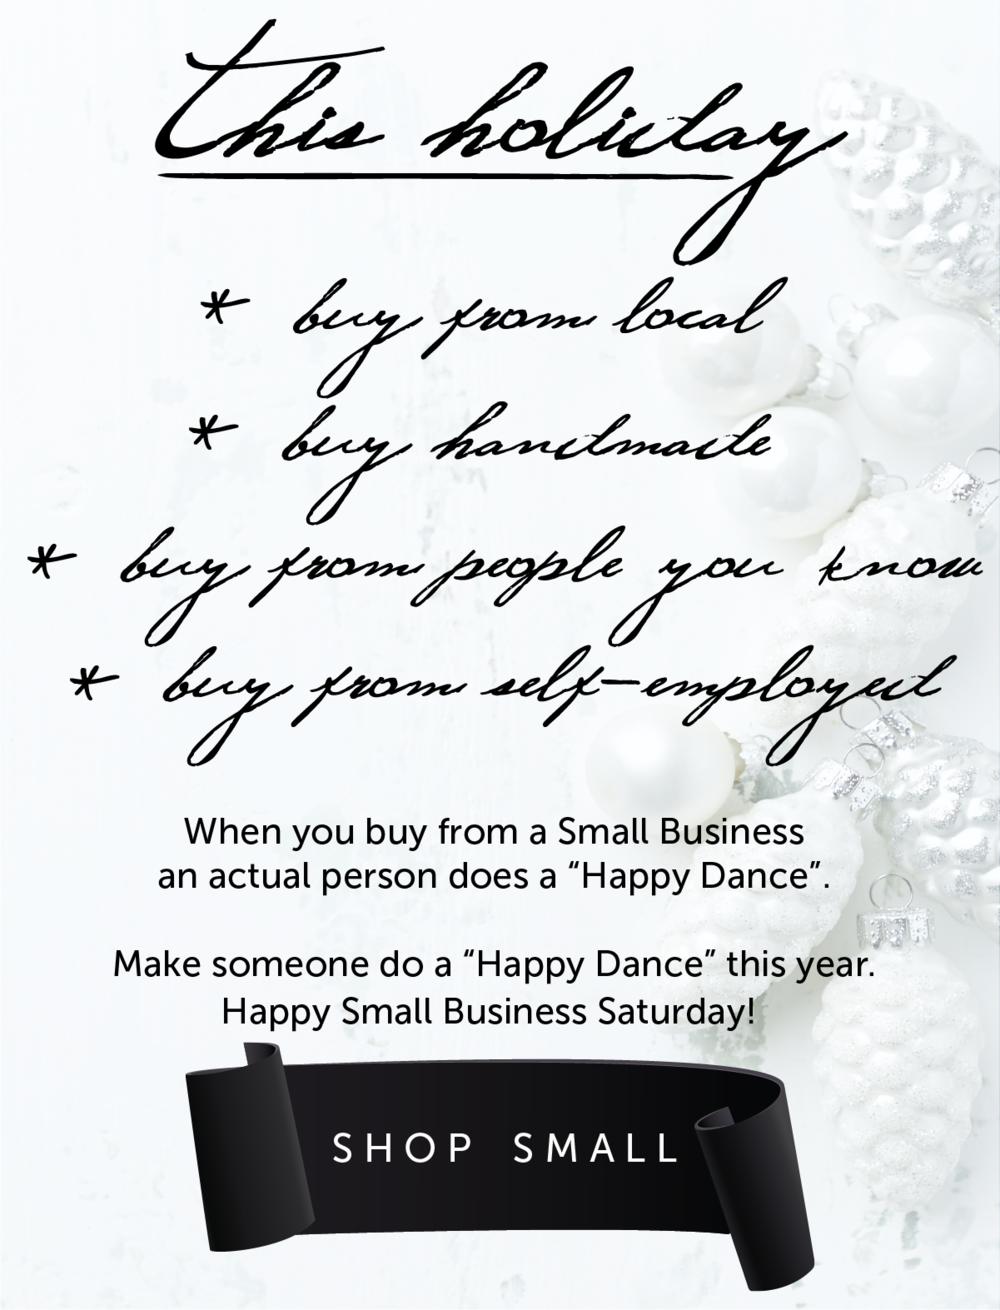 11_November_ShopSmall_2018_v3.png